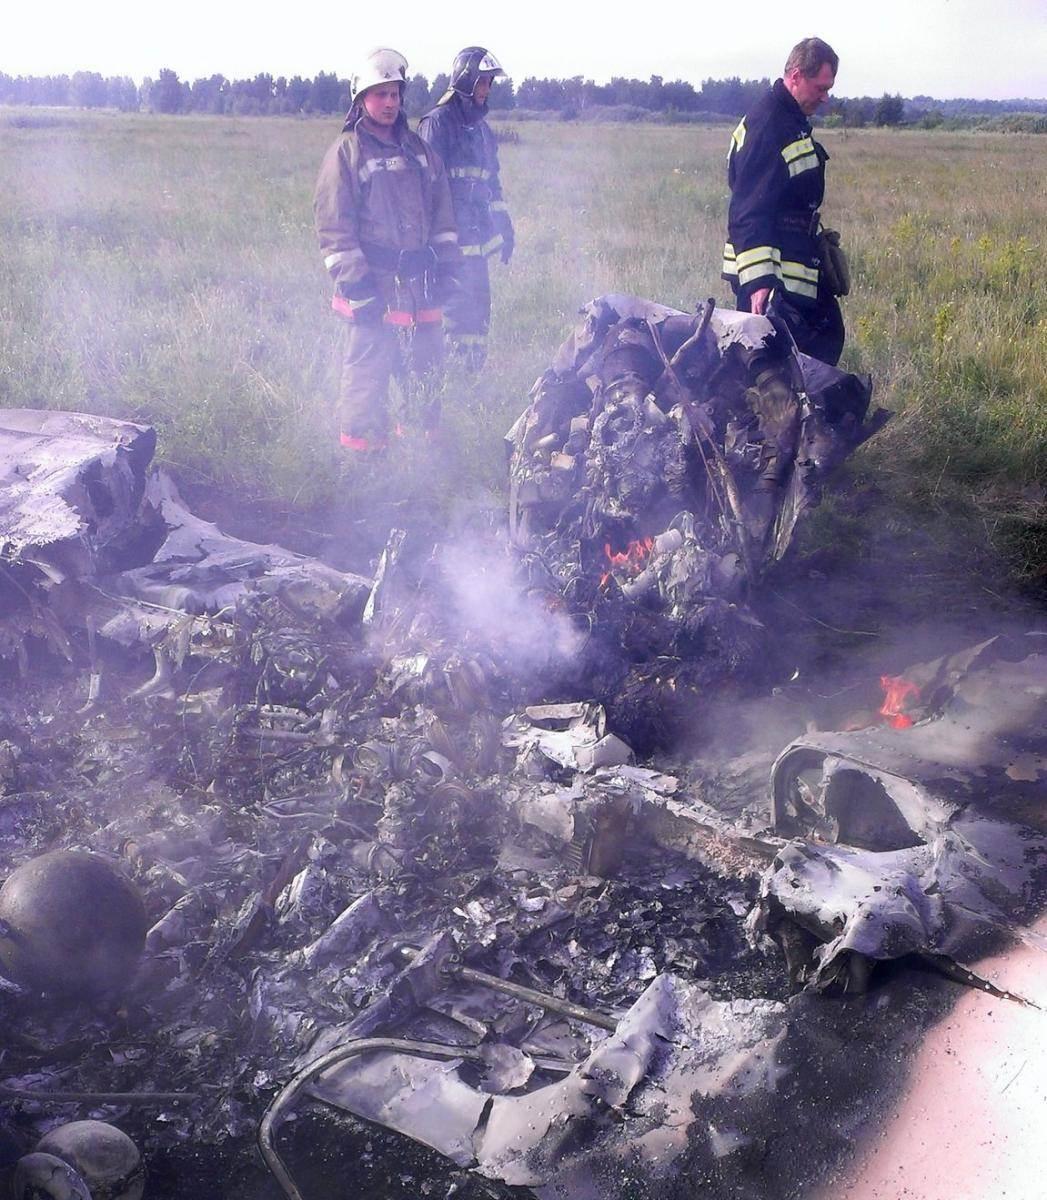 Бердск-онлайн: Начался суд по делу о крушении самолета и гибели двух человек